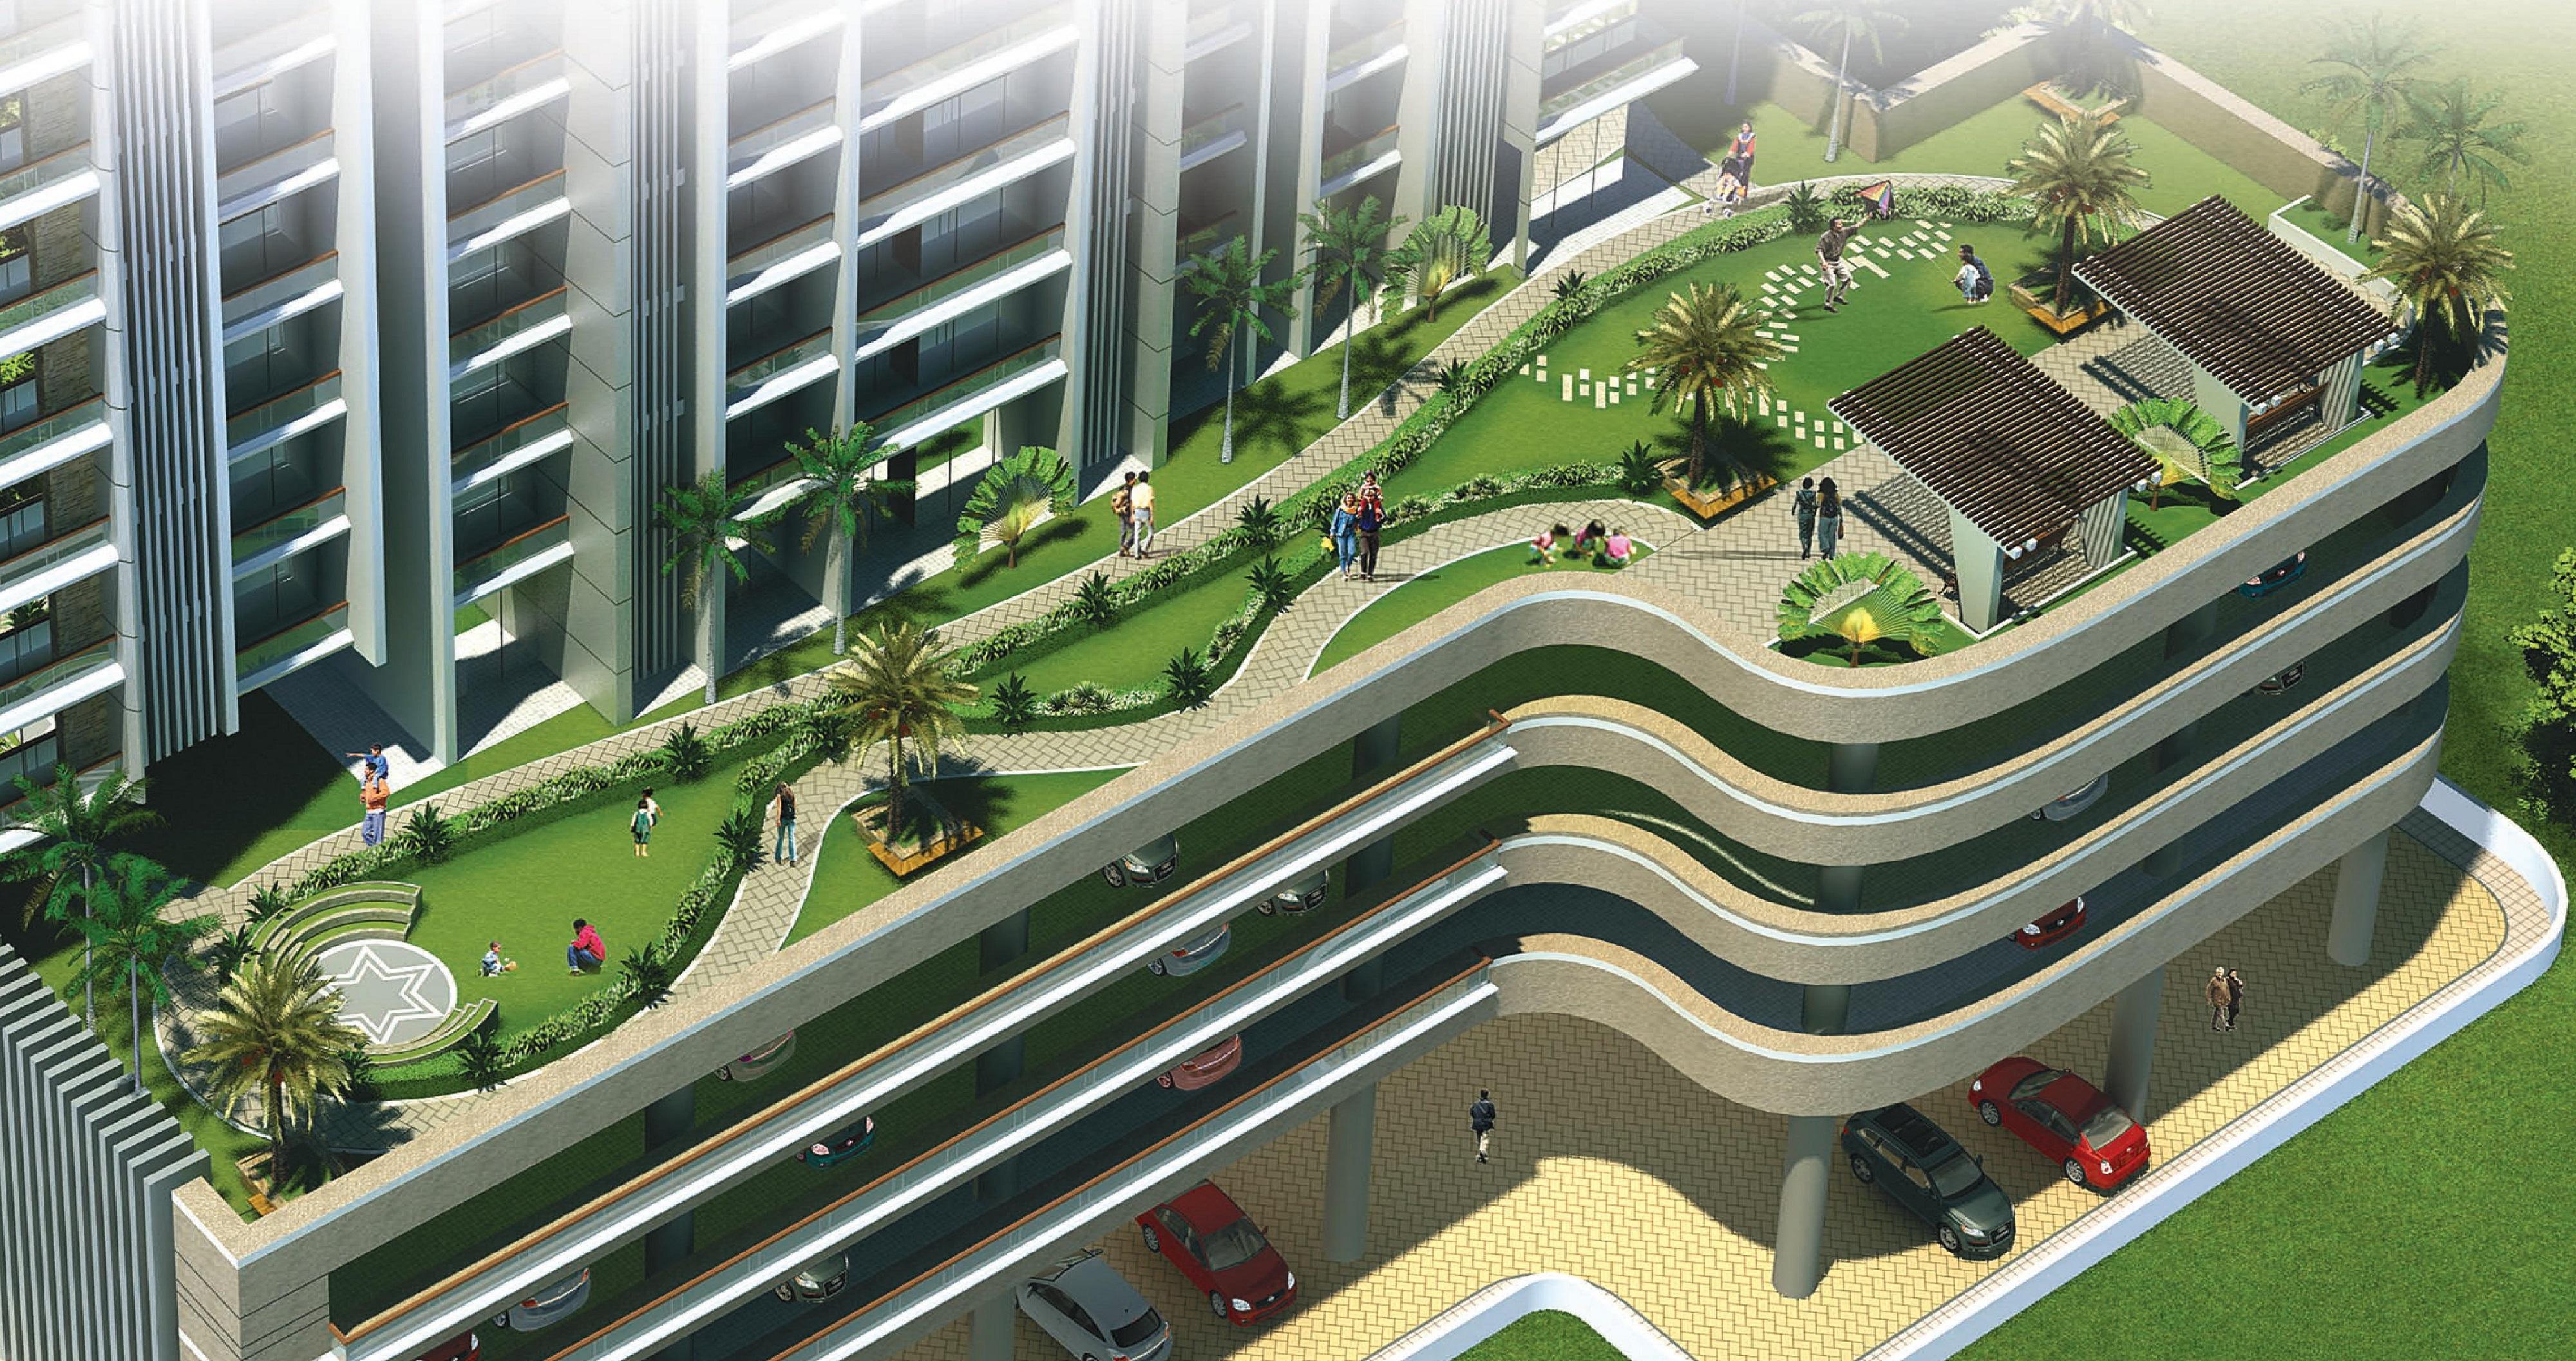 buildtech group of panies and cb enterprises avenue park photos